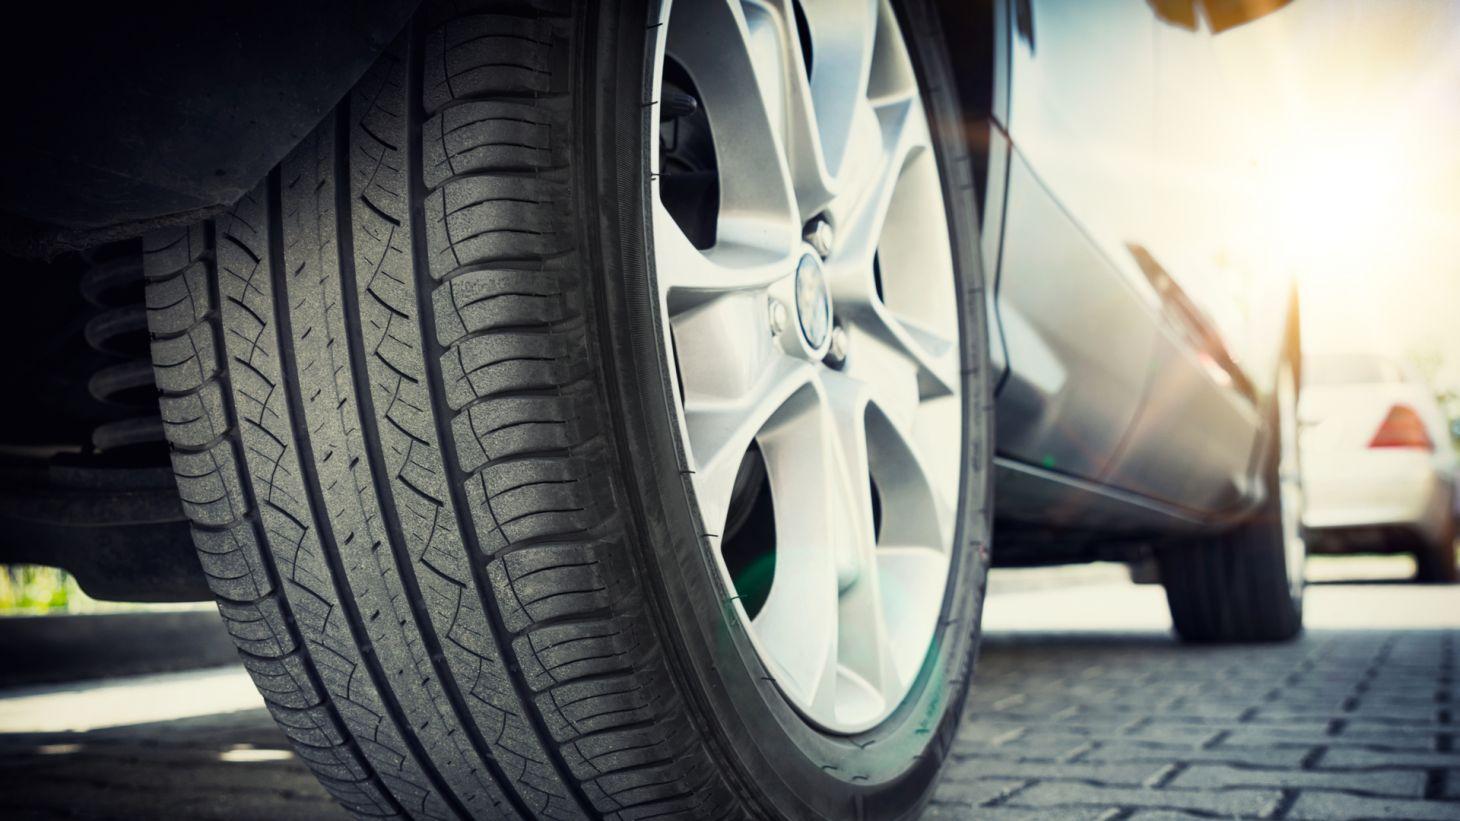 pneu roda do carro assoalho